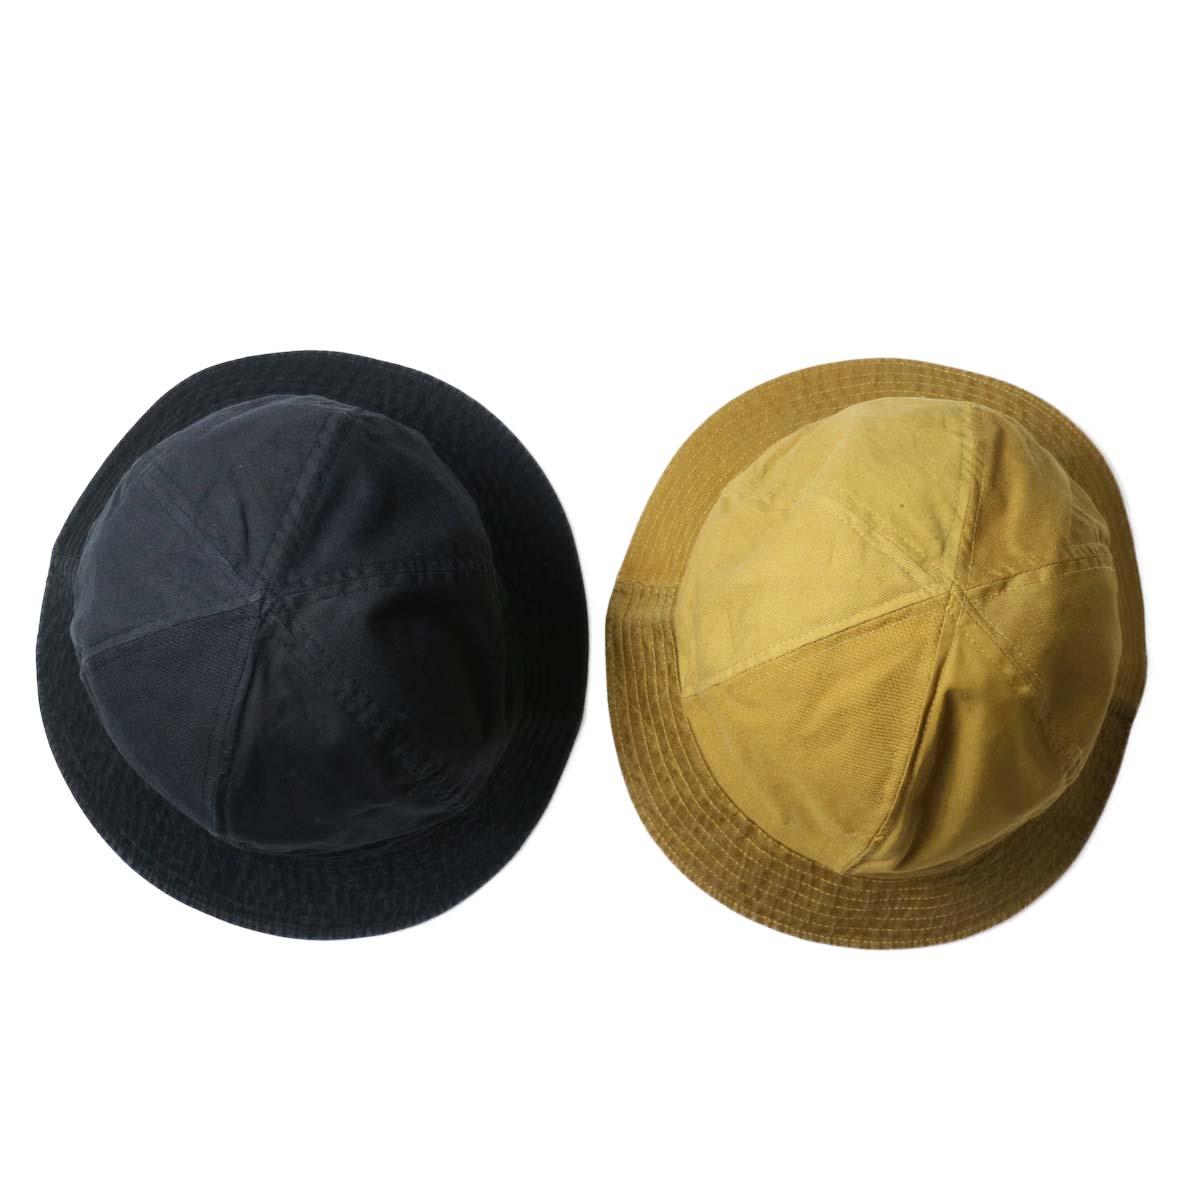 KIJIMA TAKAYUKI / 6Panel Hat (No.211213)上から